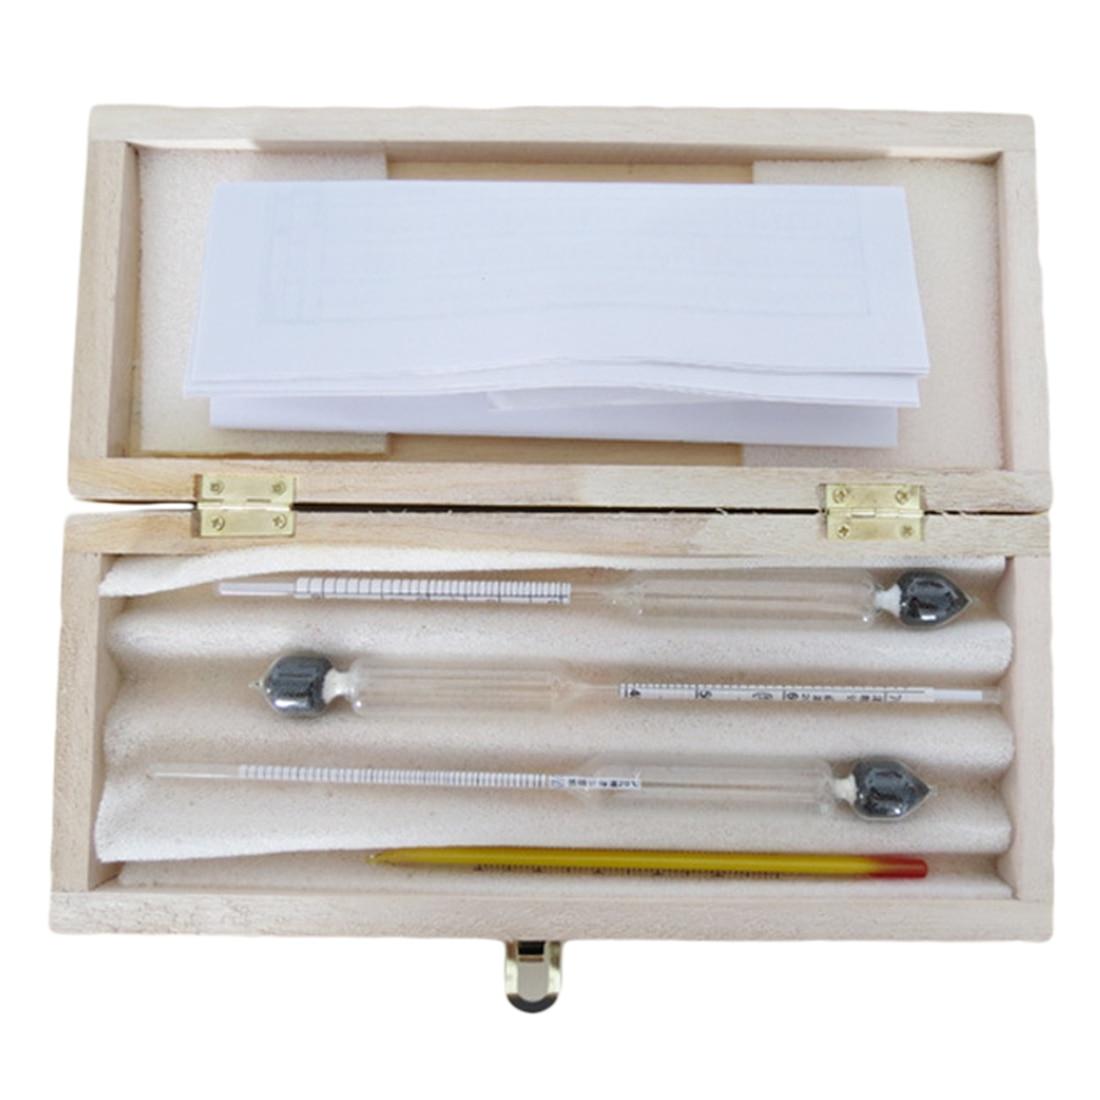 Nuovo 3 pz/set Alcoholmeter Alcool Tester Concentrazione di Alcol vino Metro Strumento Idrometro Tester